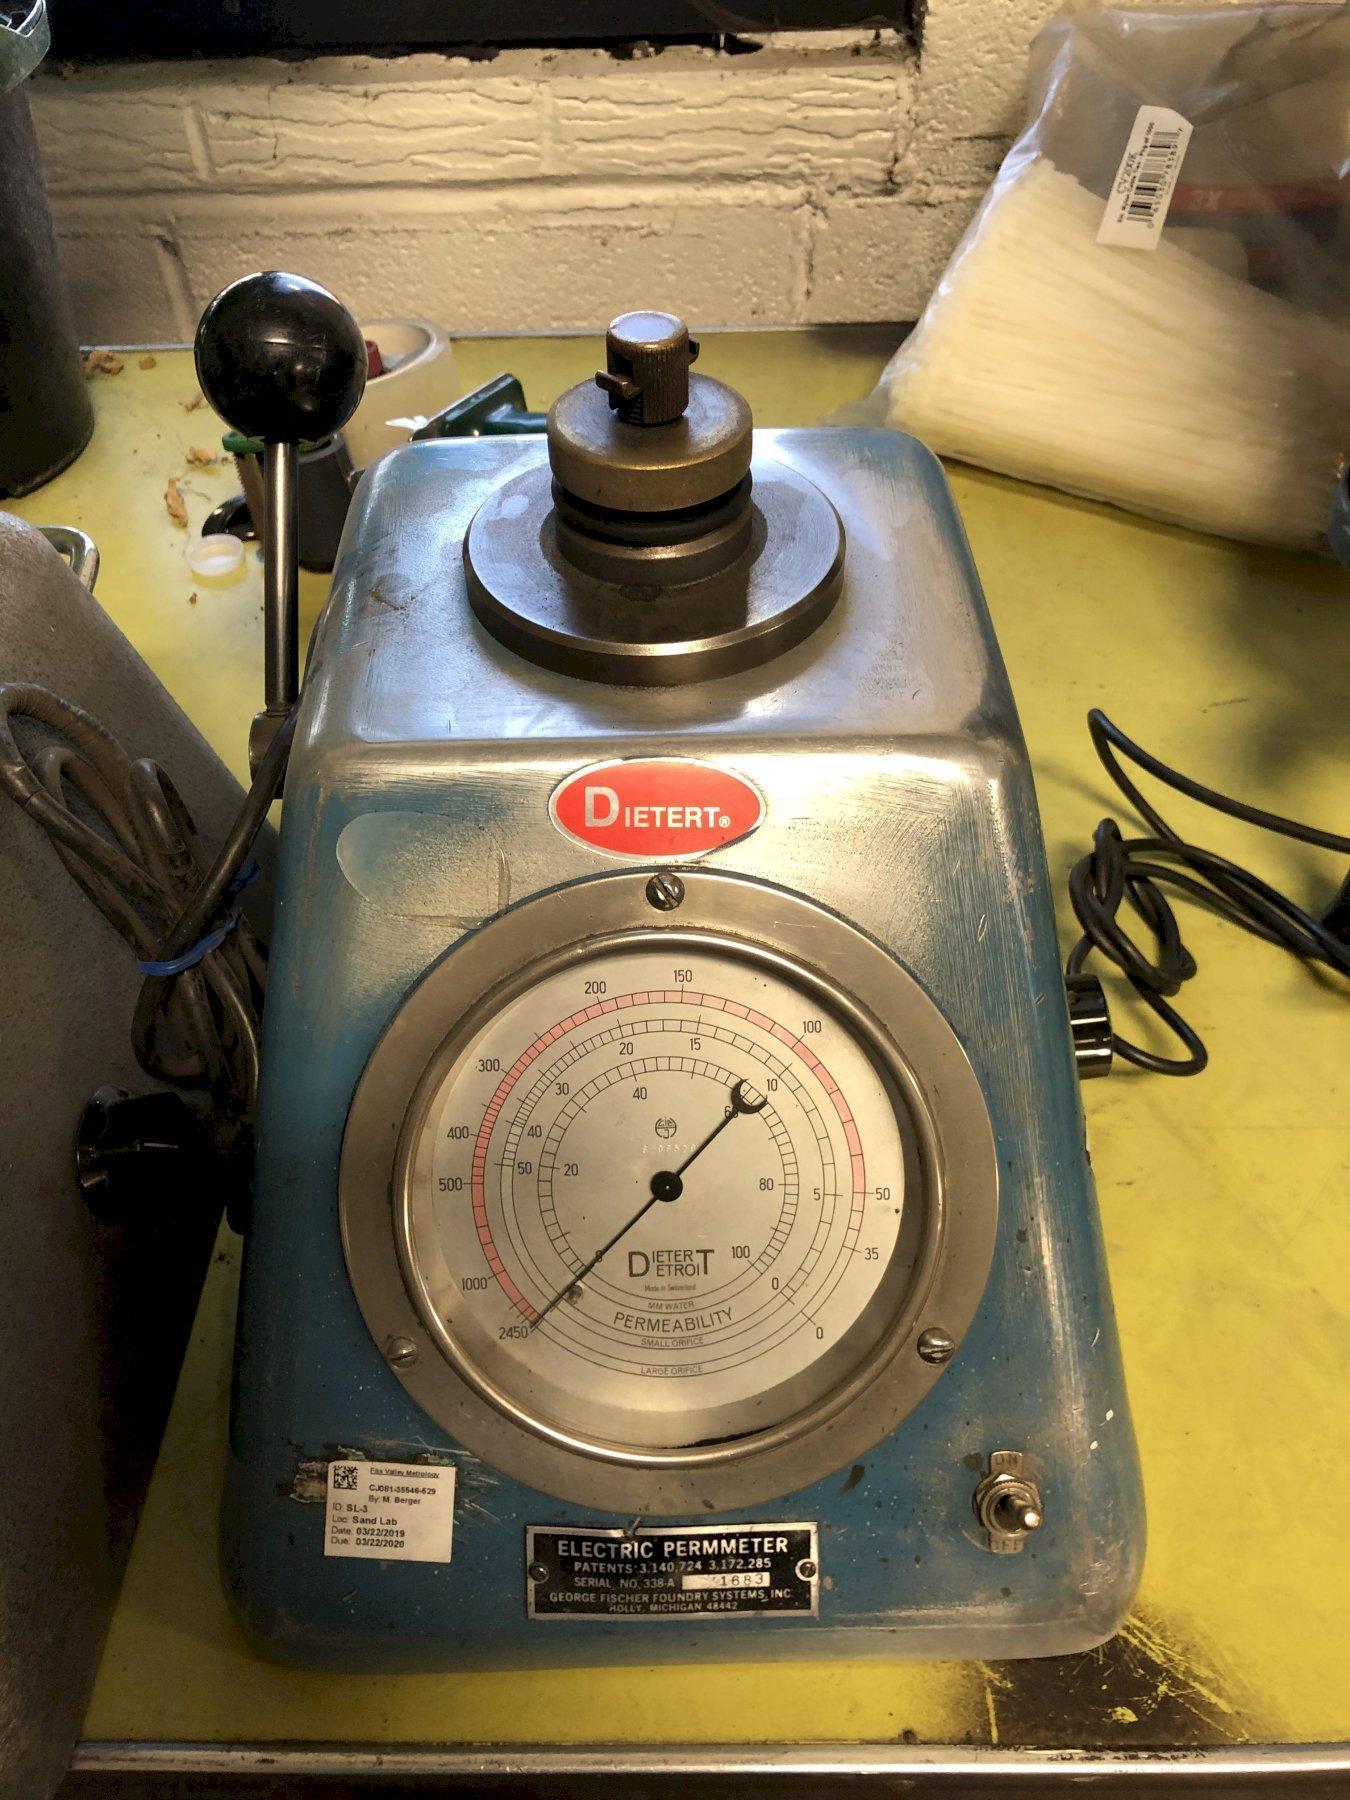 DIETERT MODEL 338-A ELECTRIC PERMMETER S/N 1683